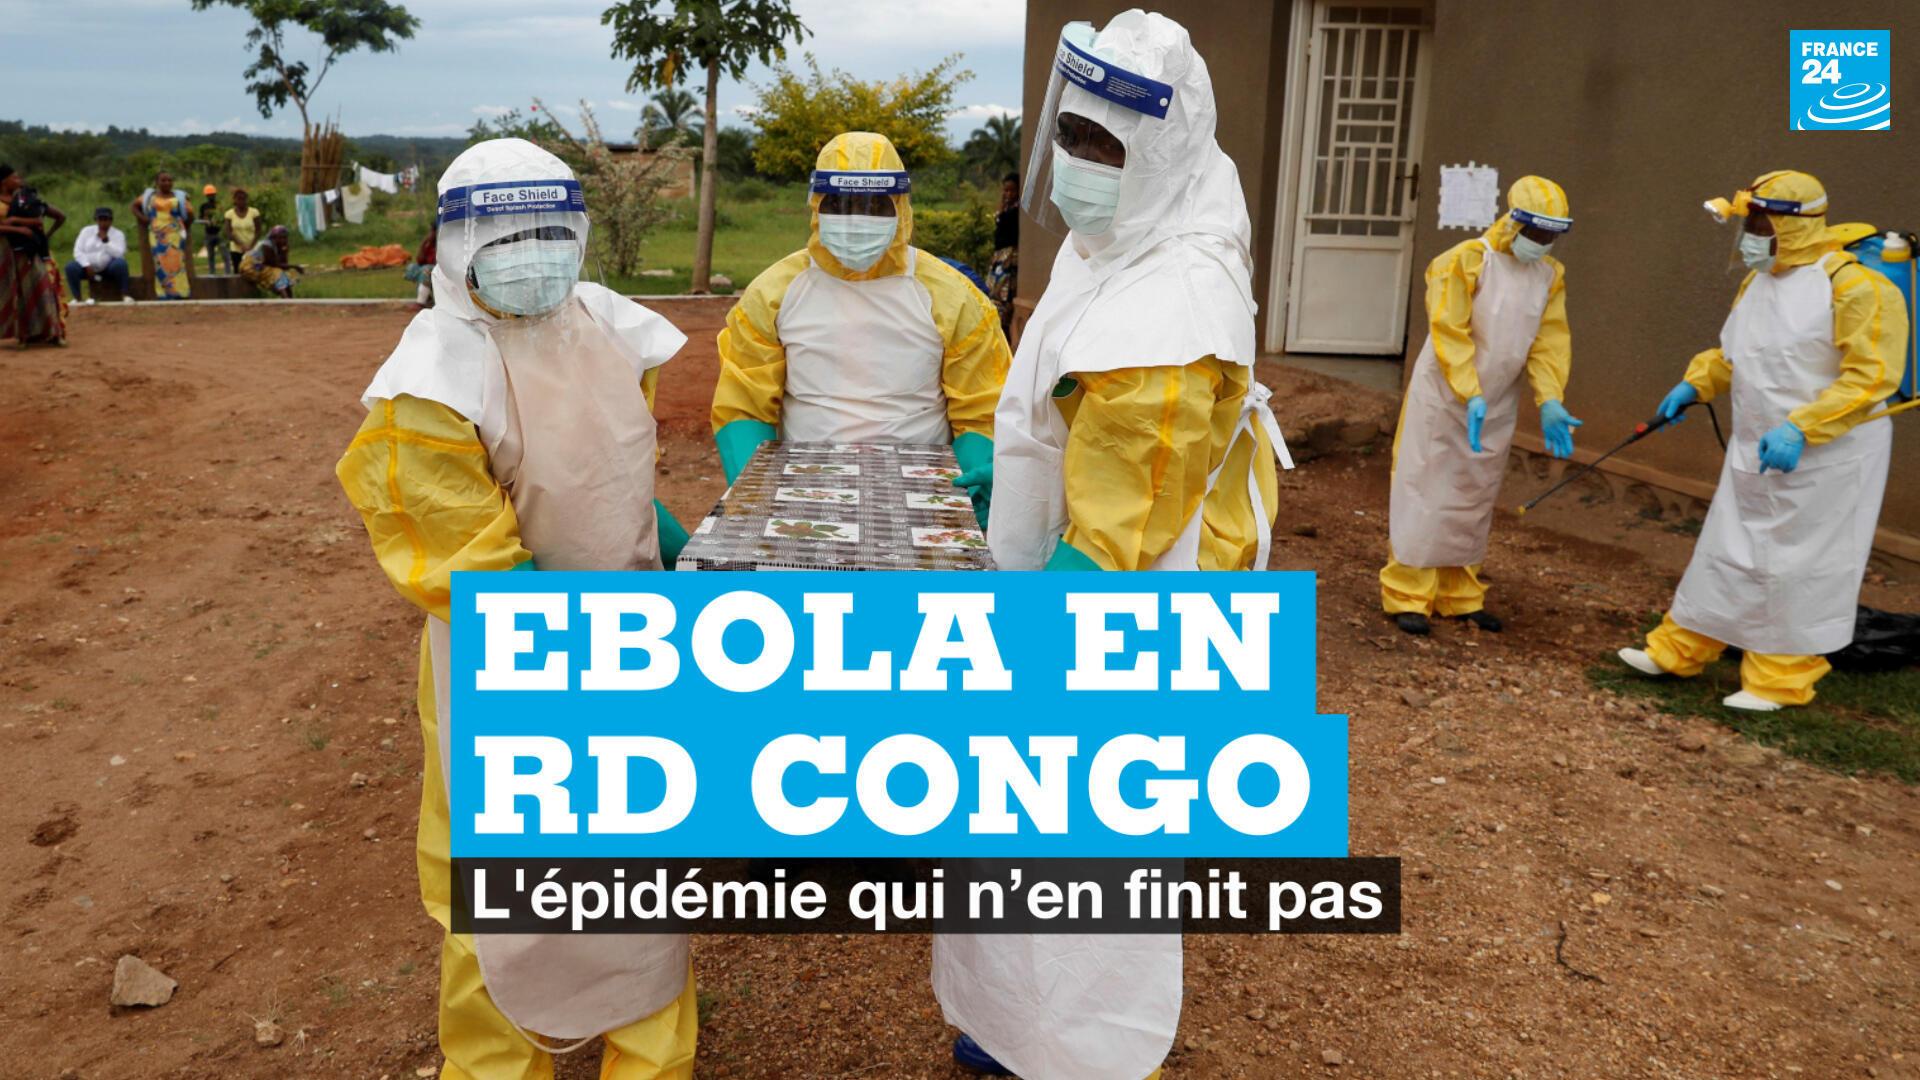 RDC Ebola